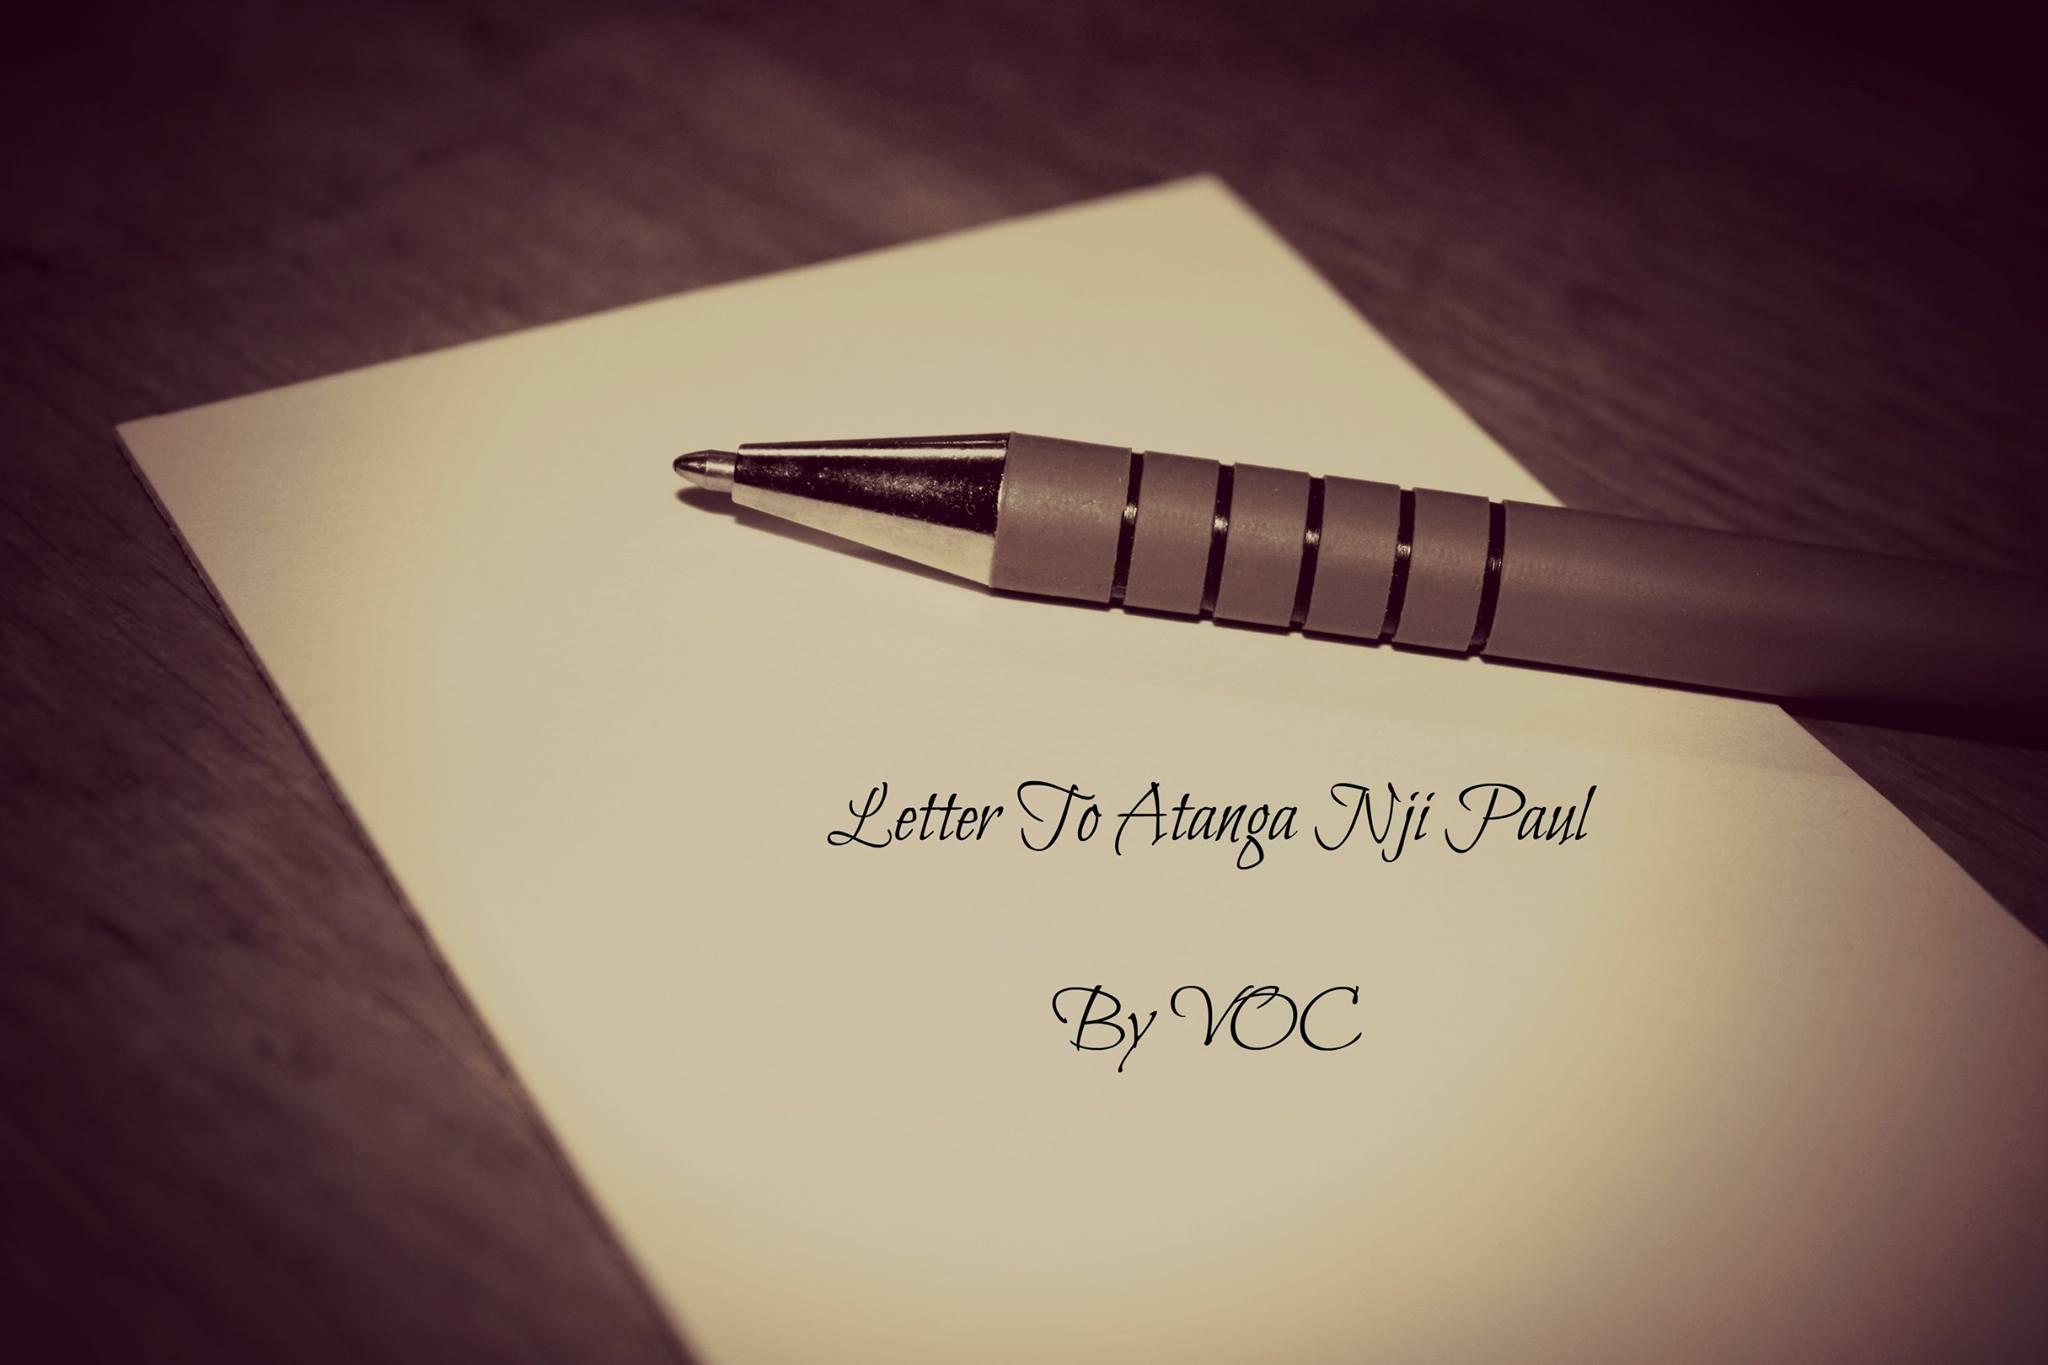 VOC A Letter To Atanga Nji Paul